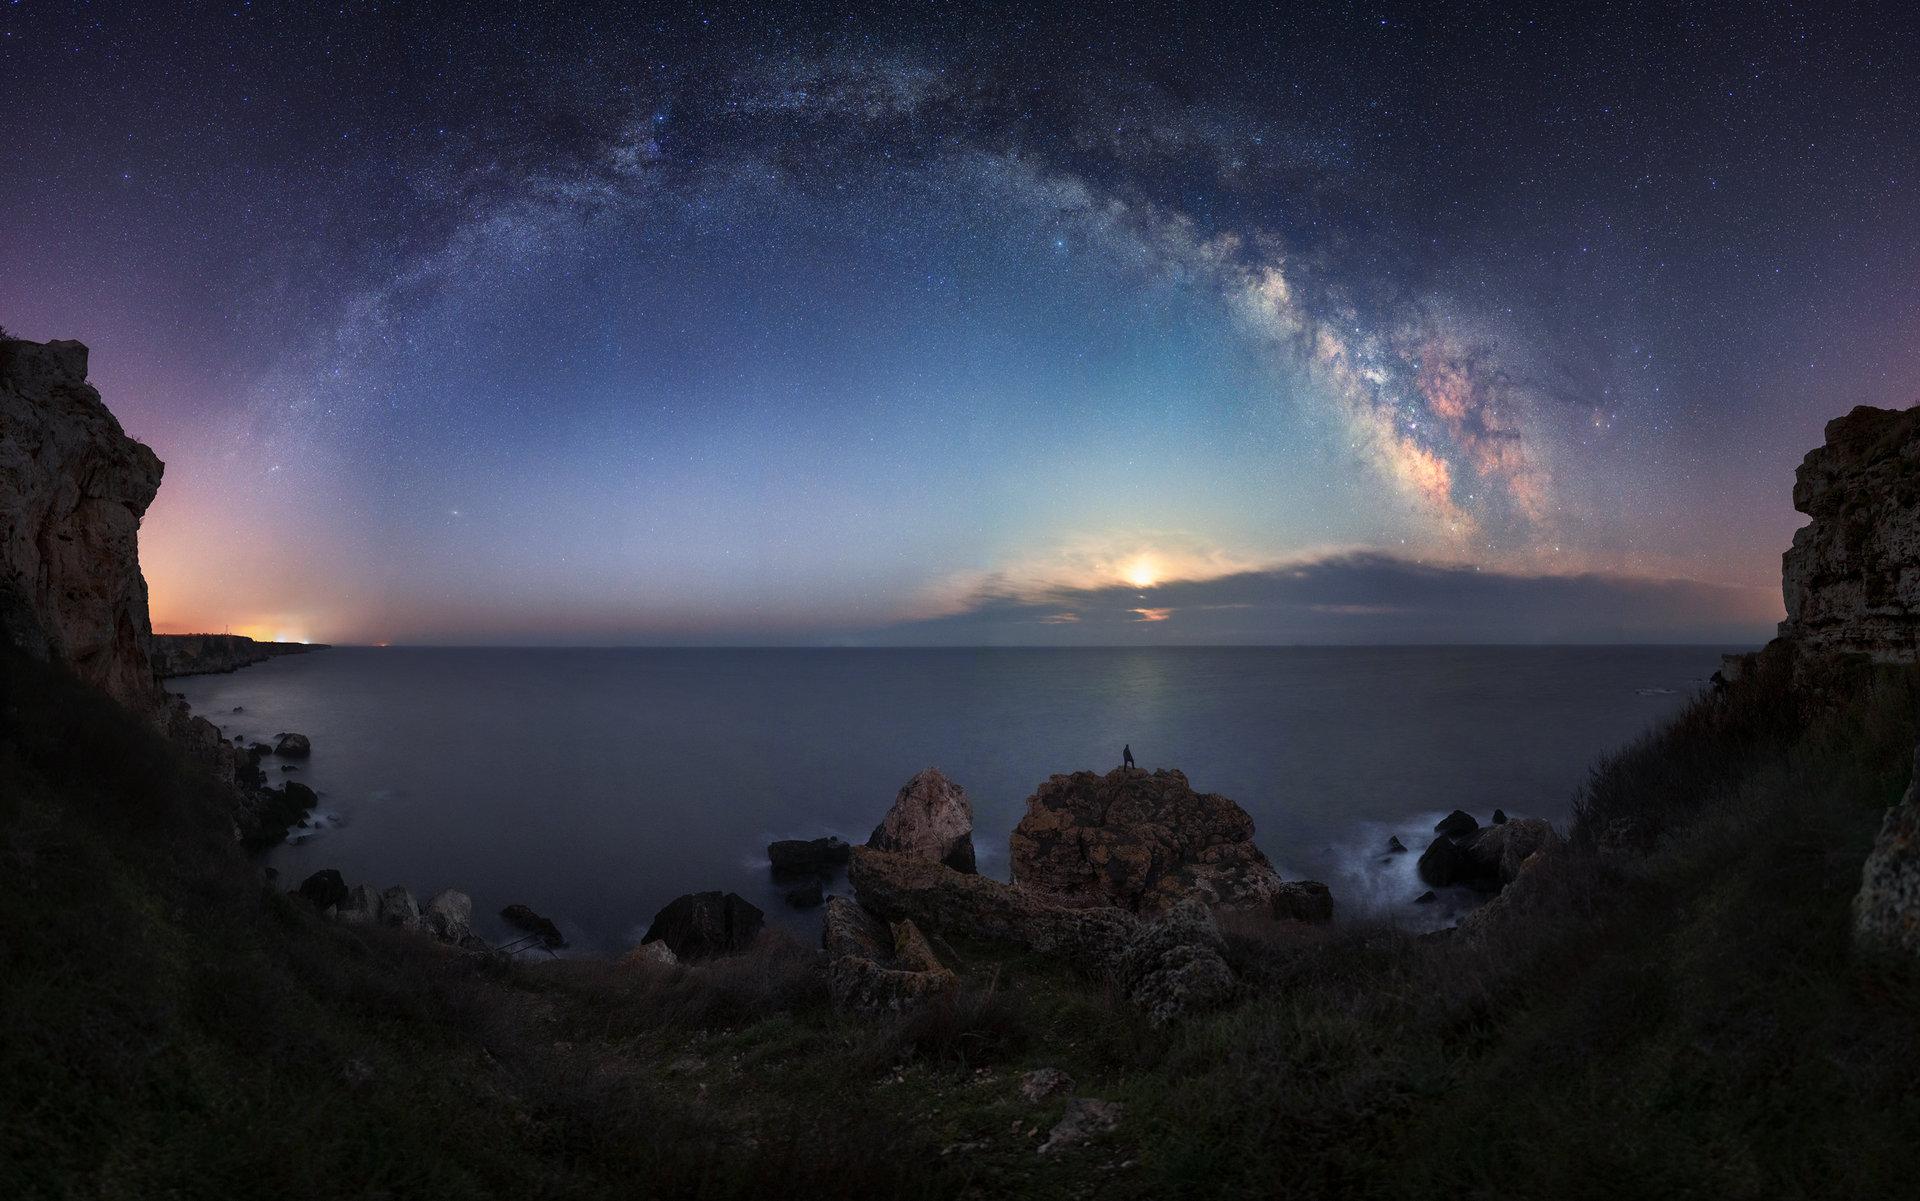 Лунен изгрев и арката на Млечния път през Април на Камен бряг. | Author Mihail Minkov - takama | PHOTO FORUM